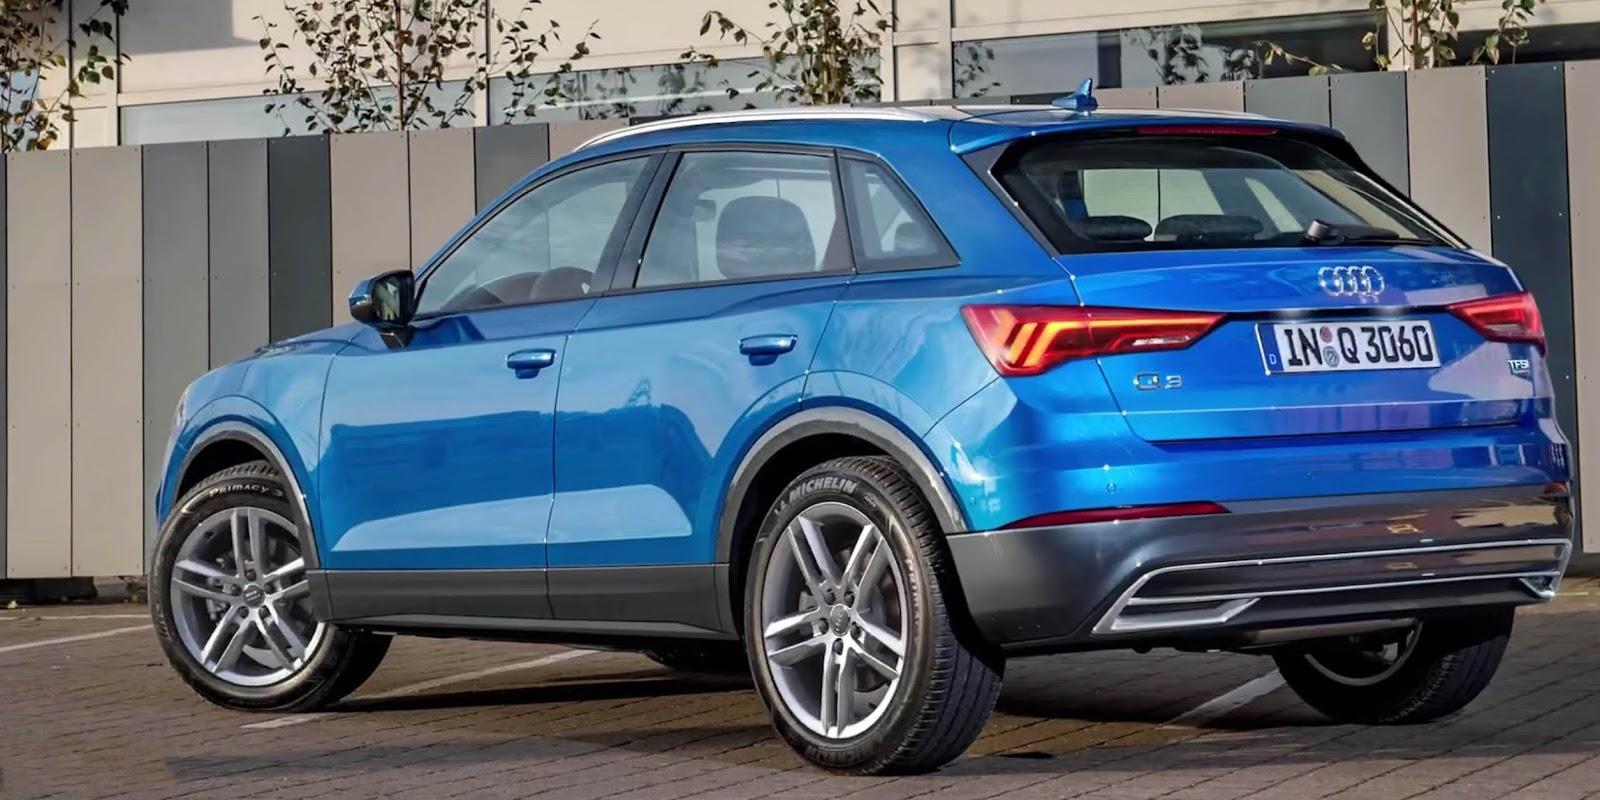 Audi Q3 2018 >> FOTO Nuova Audi Q3 2018/2019: Ecco come sarà il nuovo modello | dMotori.IT